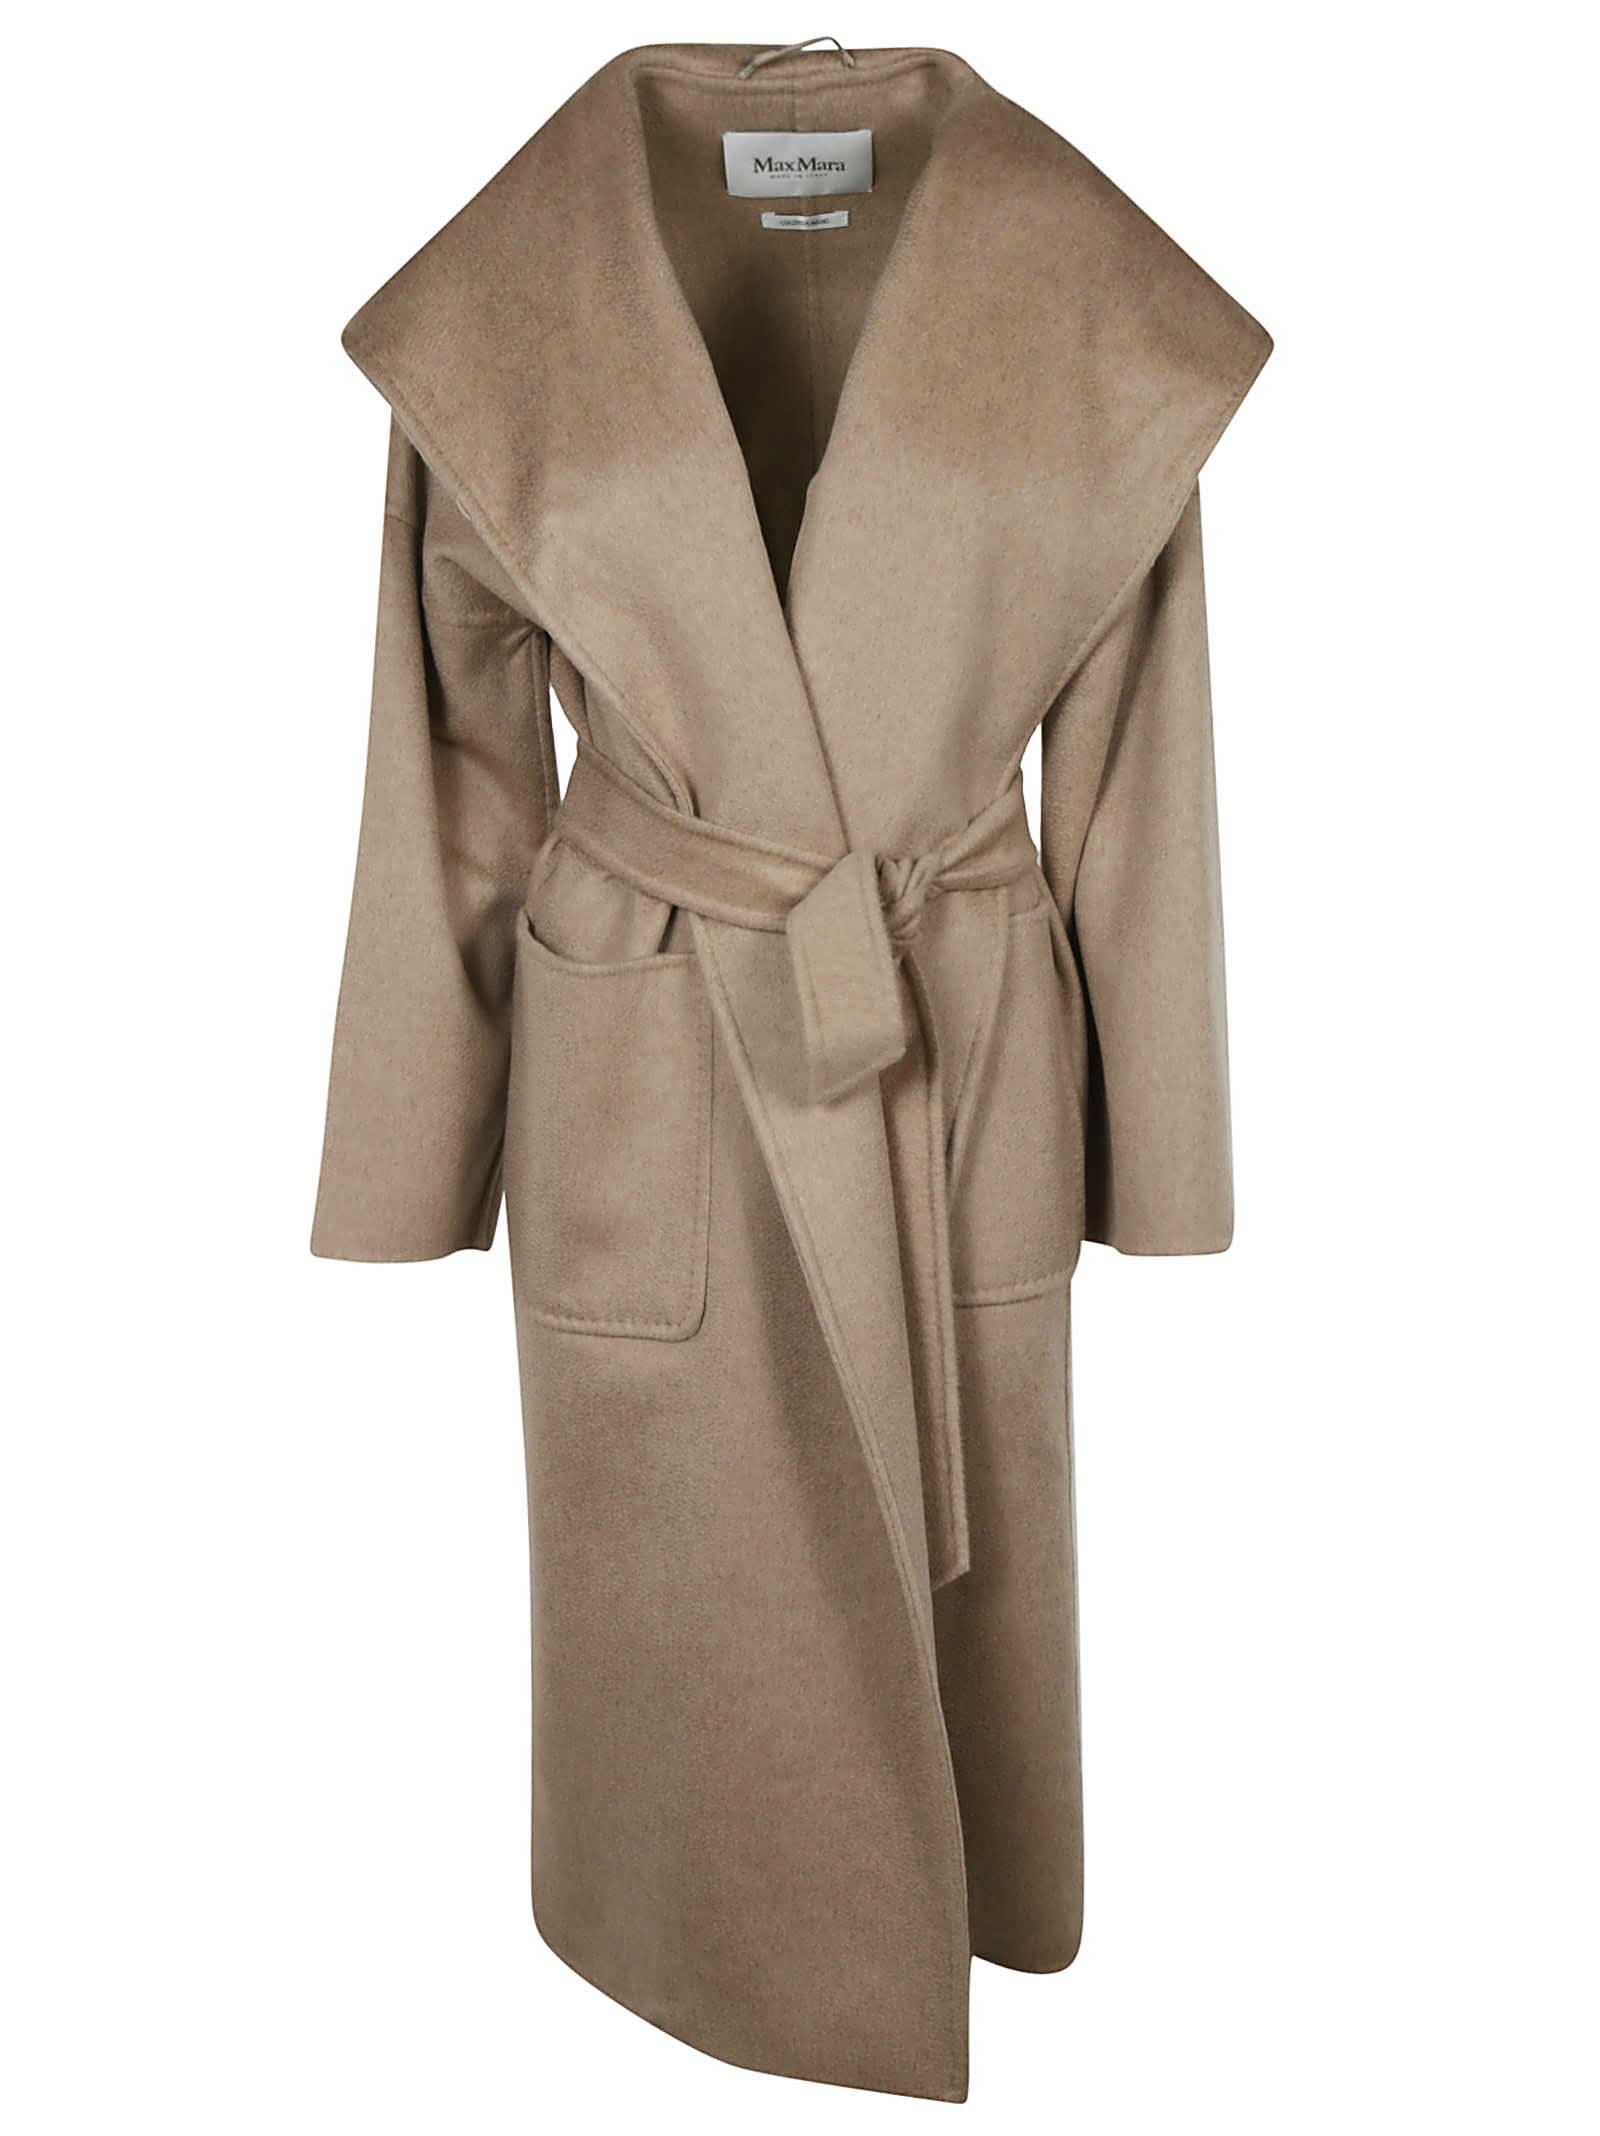 Max Mara Marilyn Cardi-coat